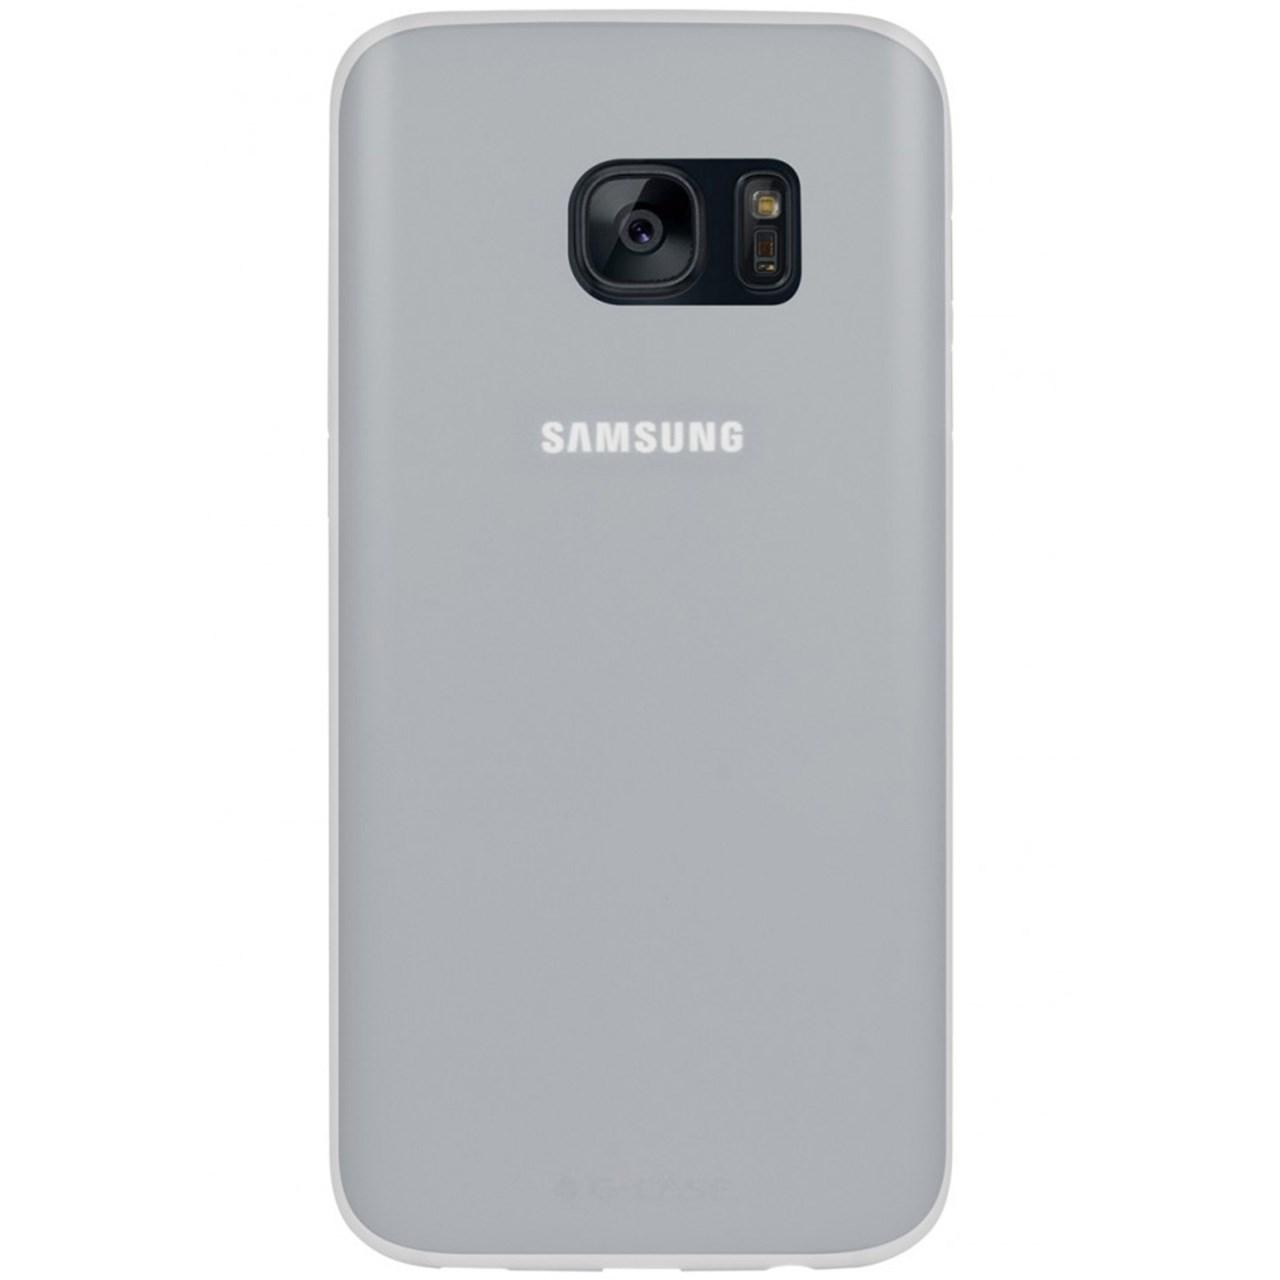 کاور جی-کیس مدل SAMS7S05 مناسب برای گوشی موبایل سامسونگ Galaxy S7